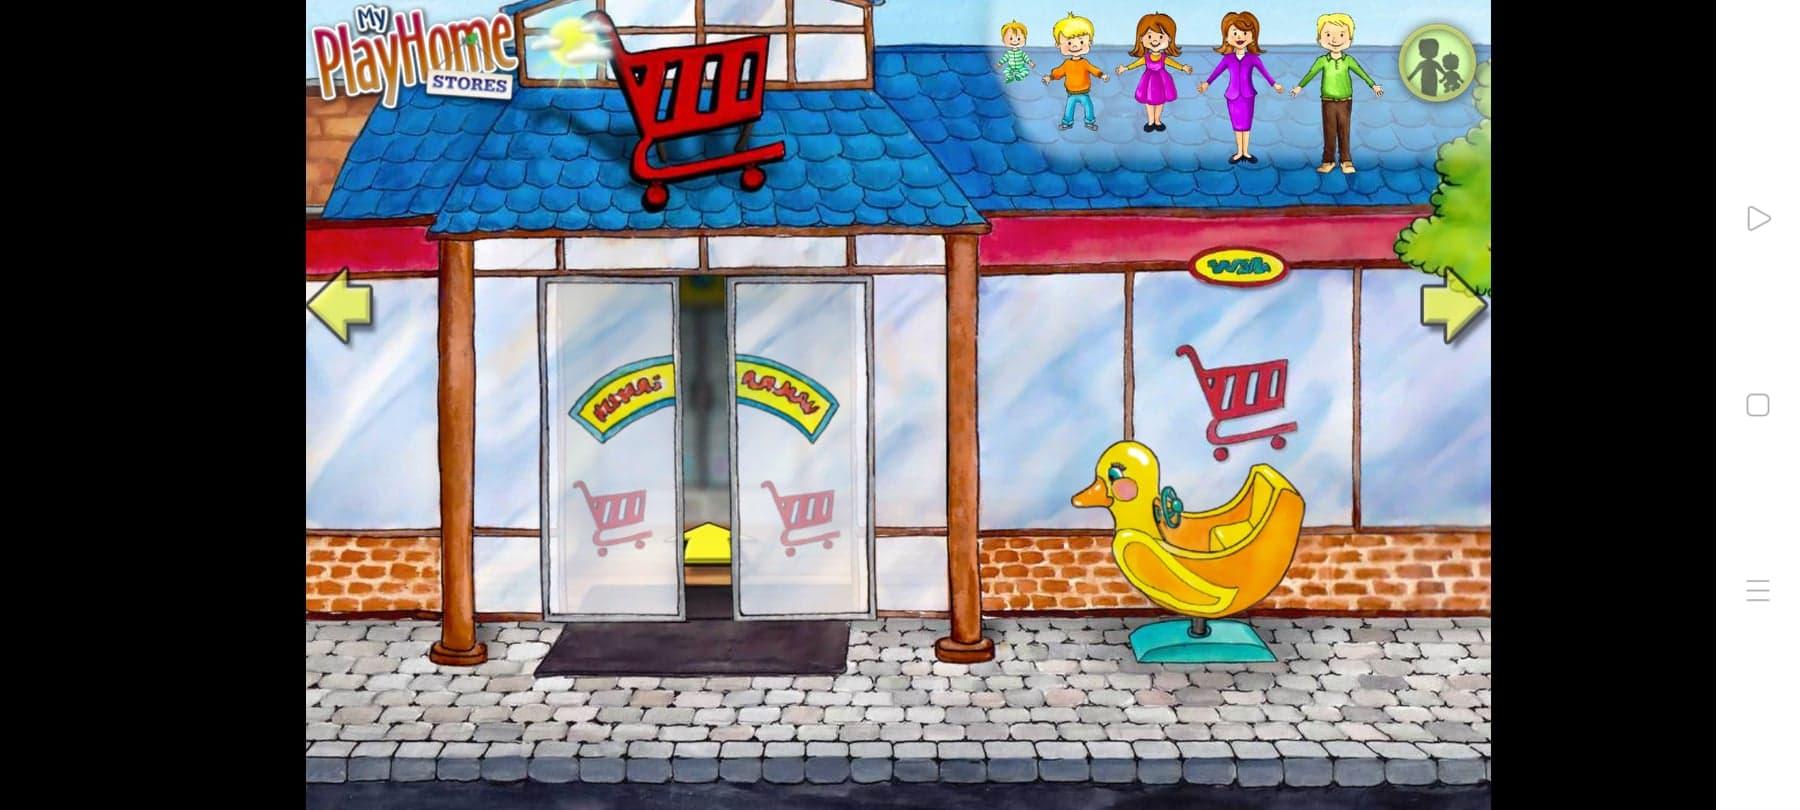 ماي بلاي هوم السوق4 تحميل ماي بلاي هوم السوق للاندرويد My Play Home Store